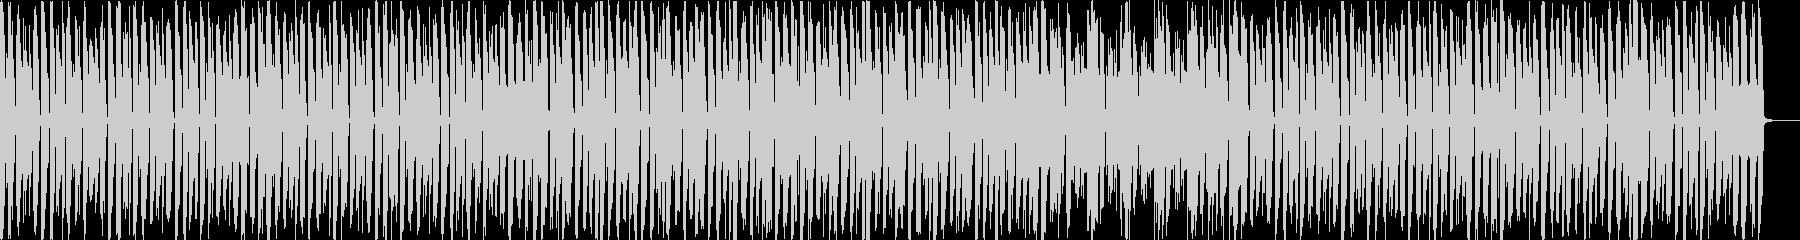 コミカル/楽しい/カラオケの未再生の波形